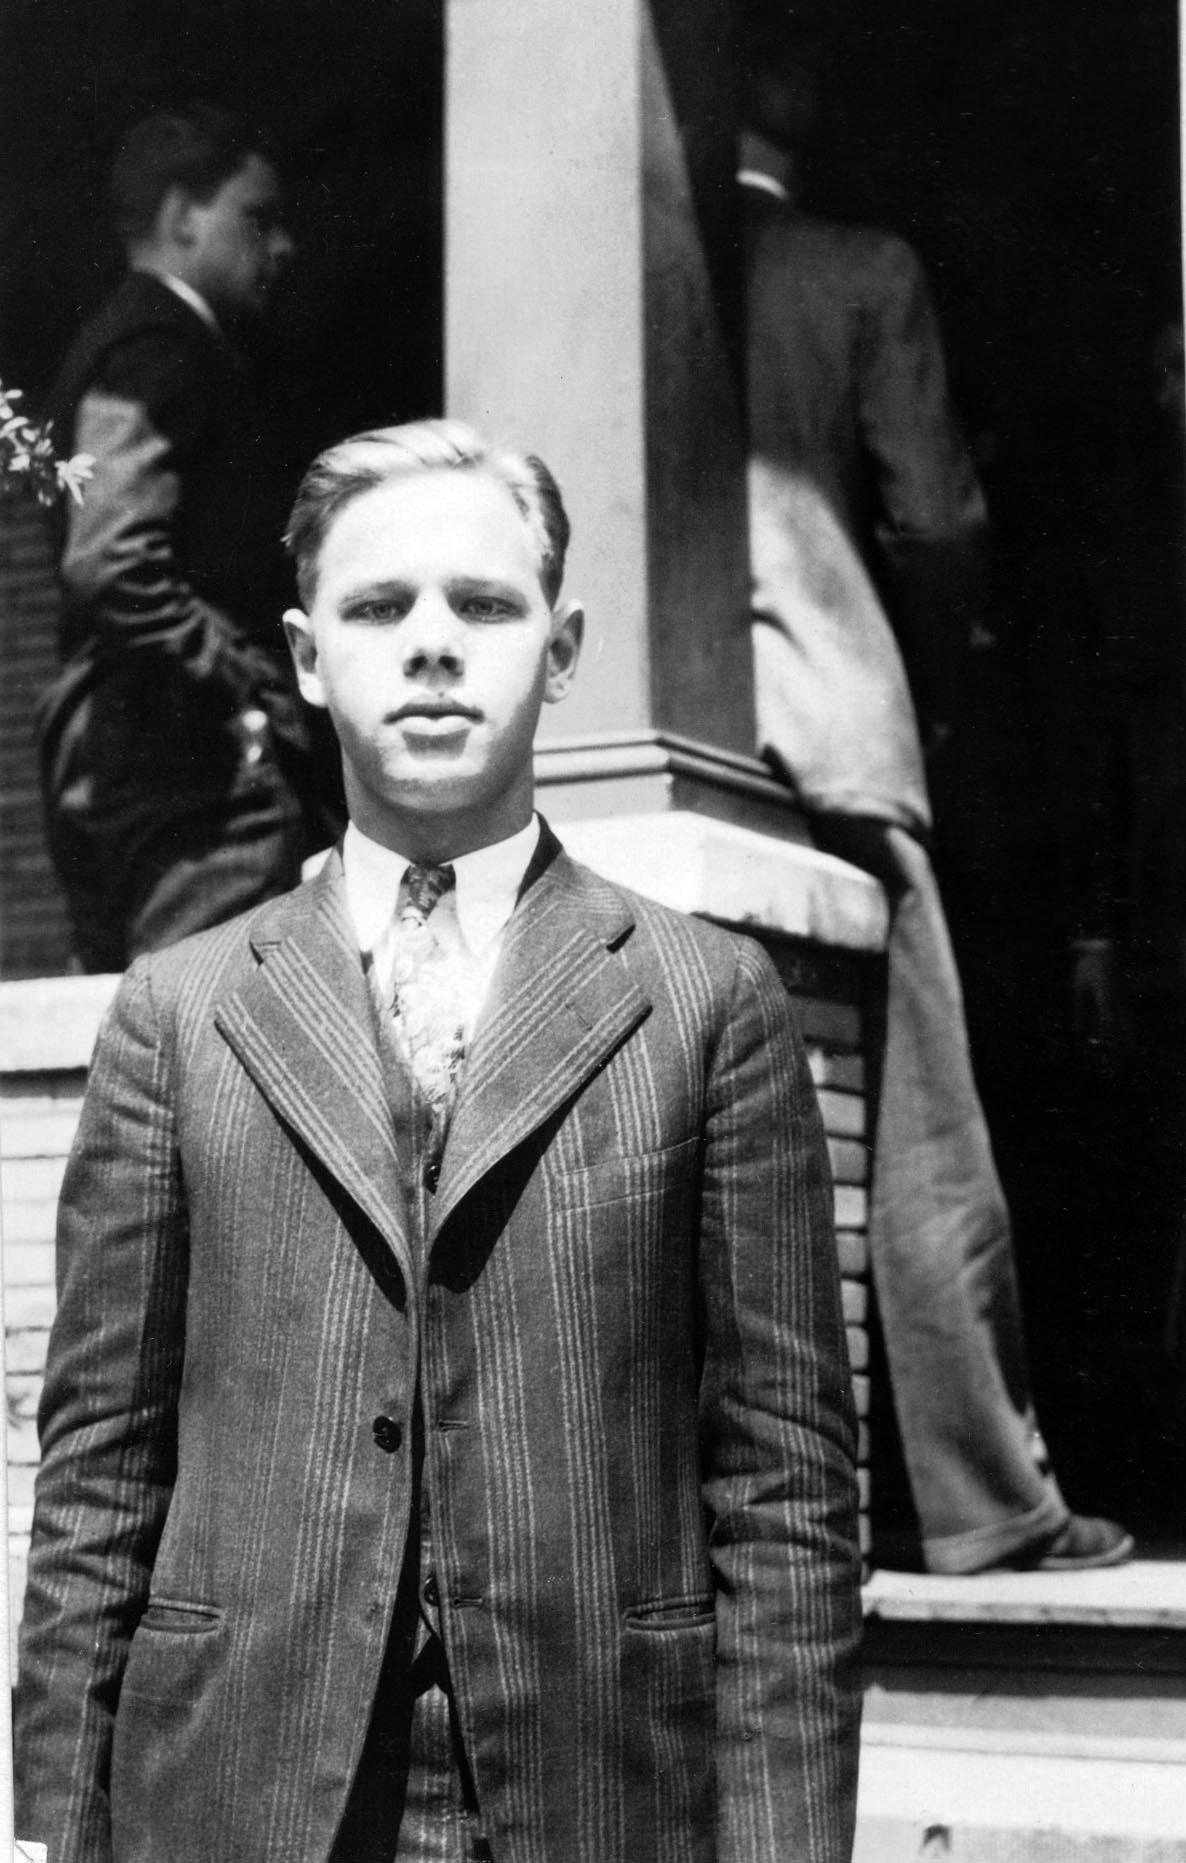 Harry G. Heil 1930